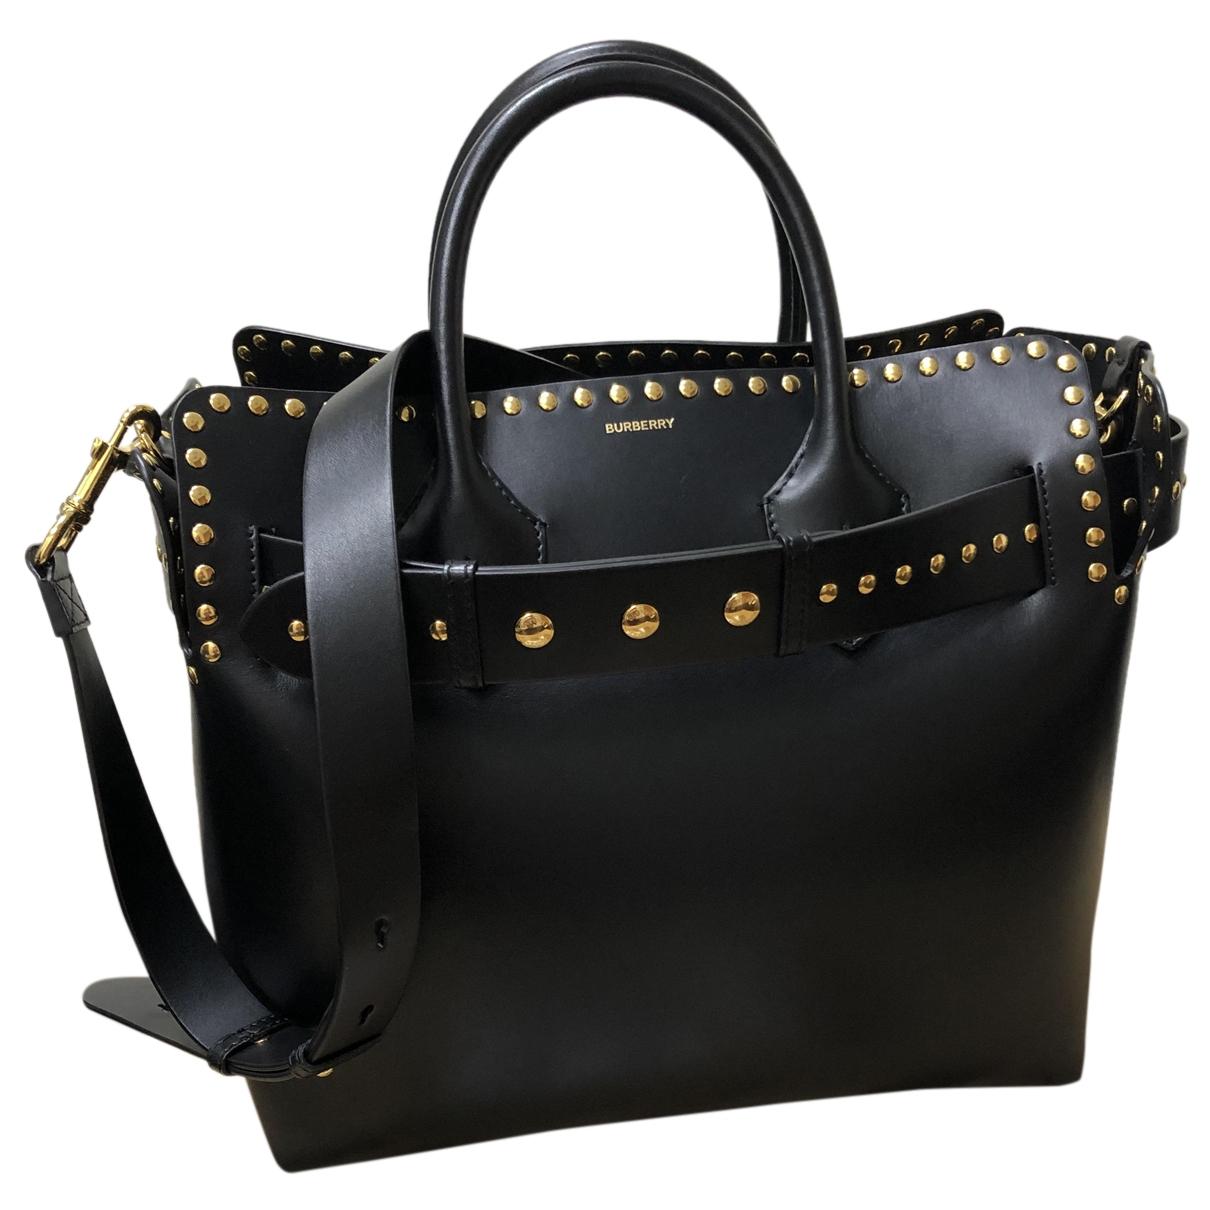 Burberry The Belt Handtasche in  Schwarz Leder